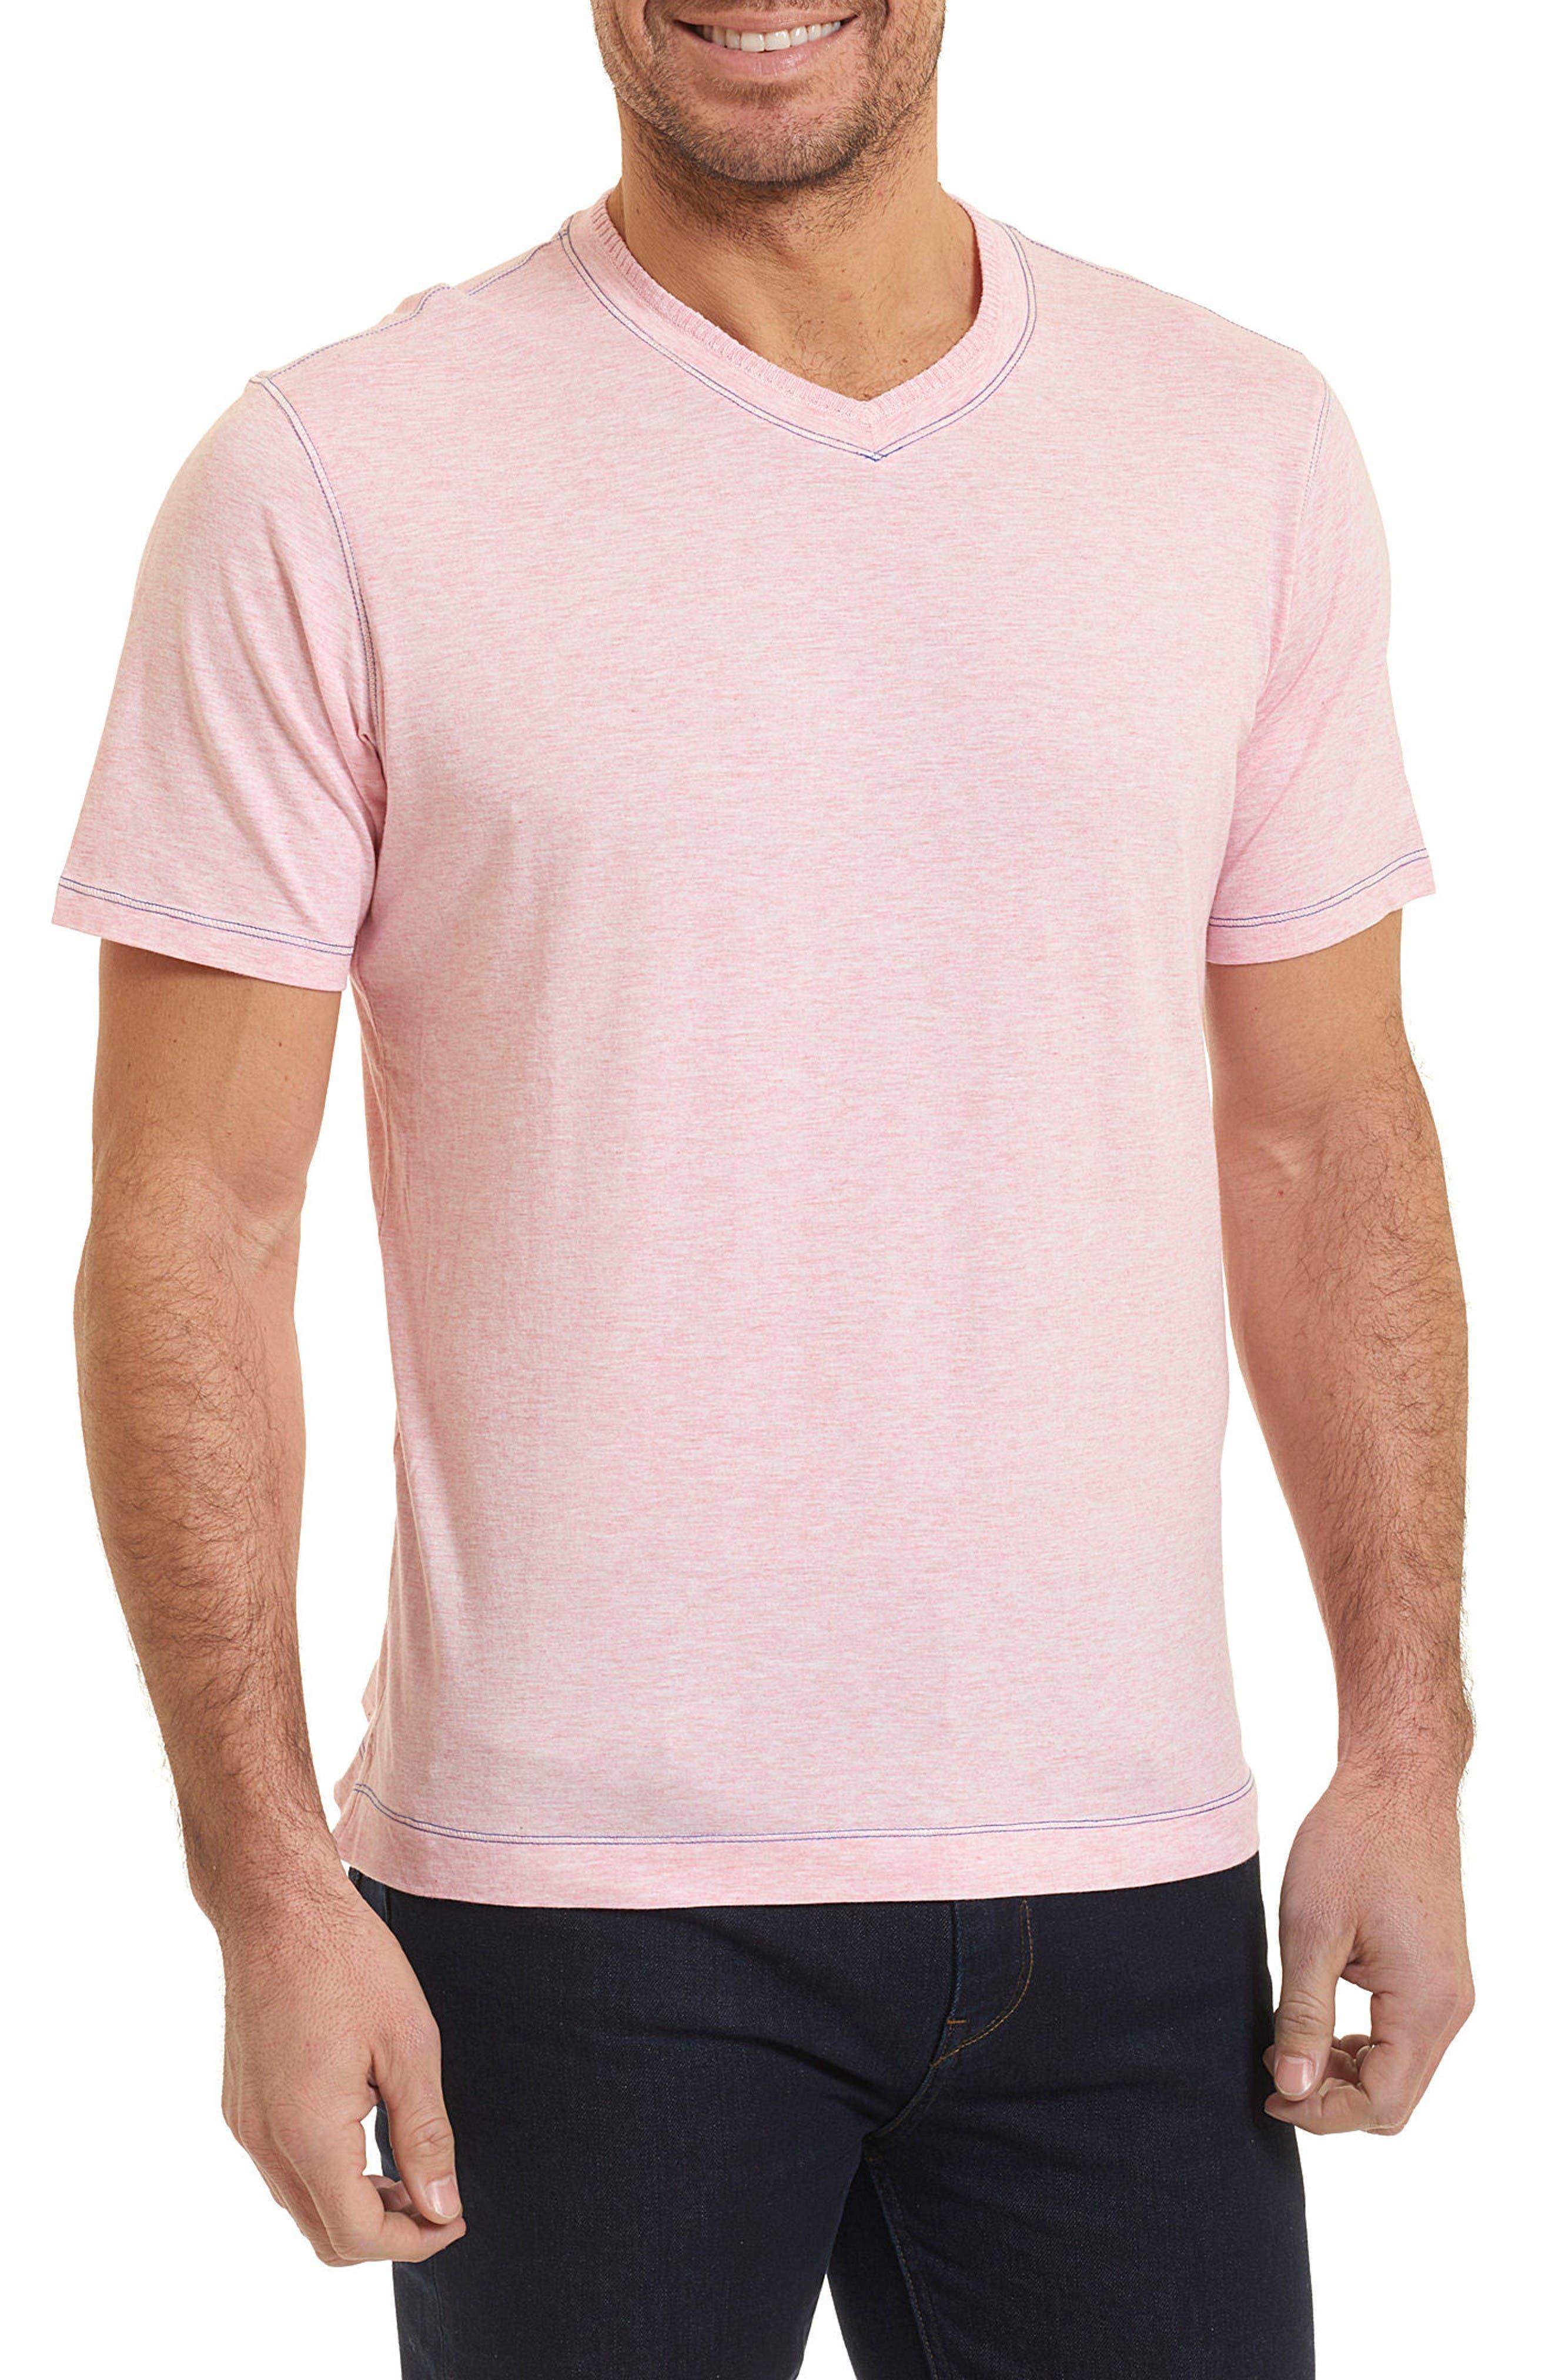 Traveler V-Neck T-Shirt,                         Main,                         color, Heather Light Pink